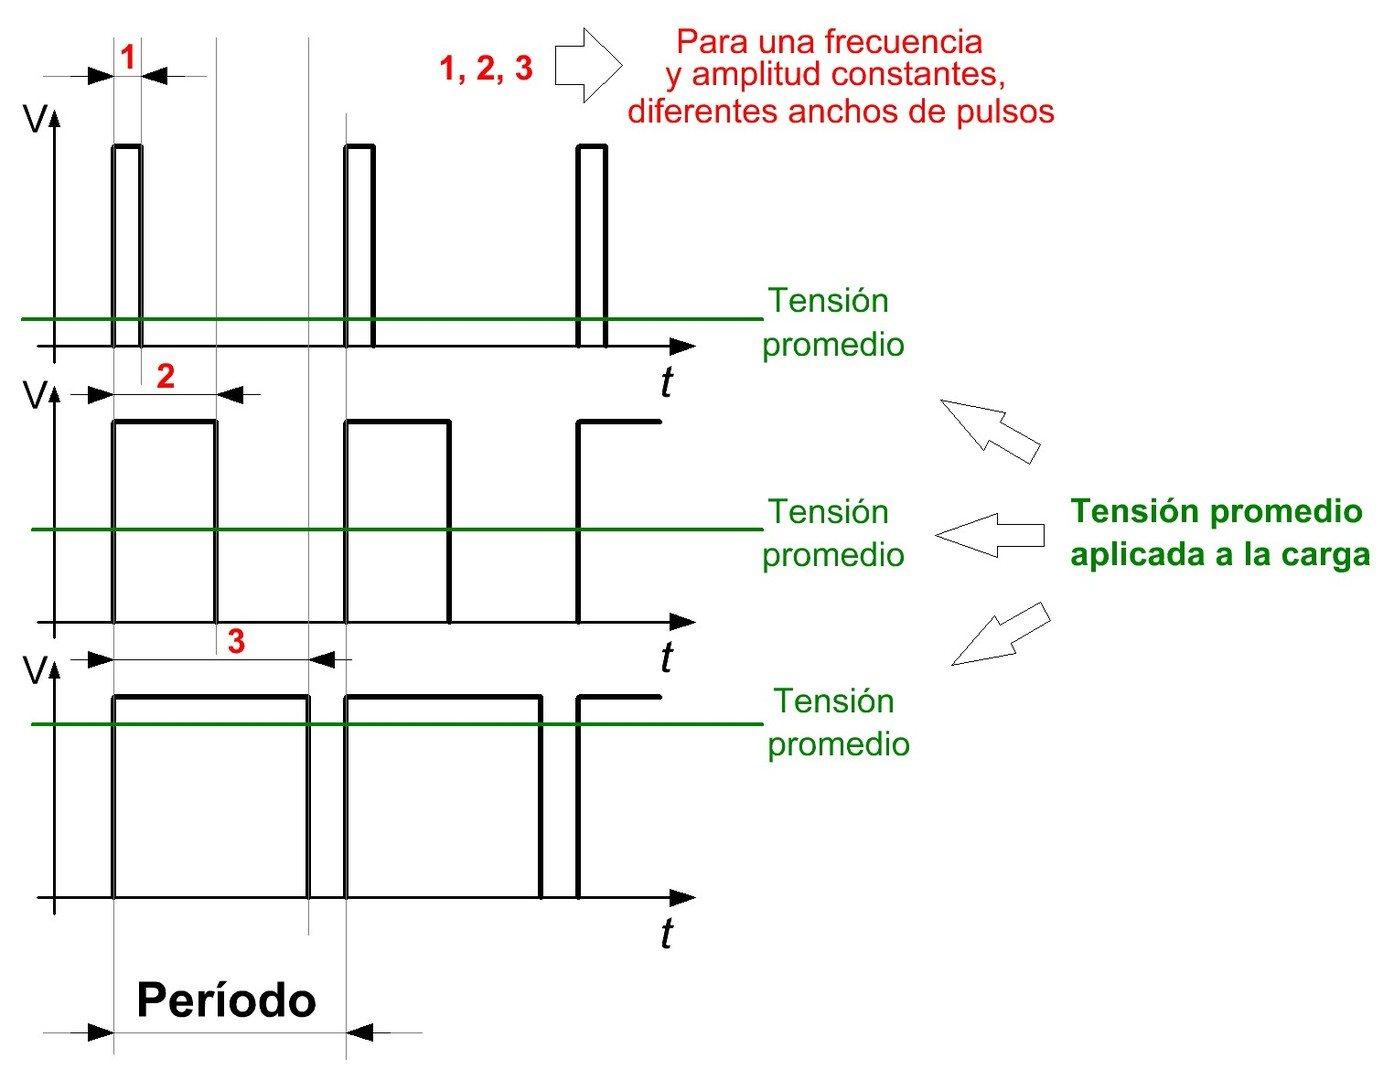 Circuito Optoacoplador : Irfz44n: el mos fet de batalla para pwm neoteo